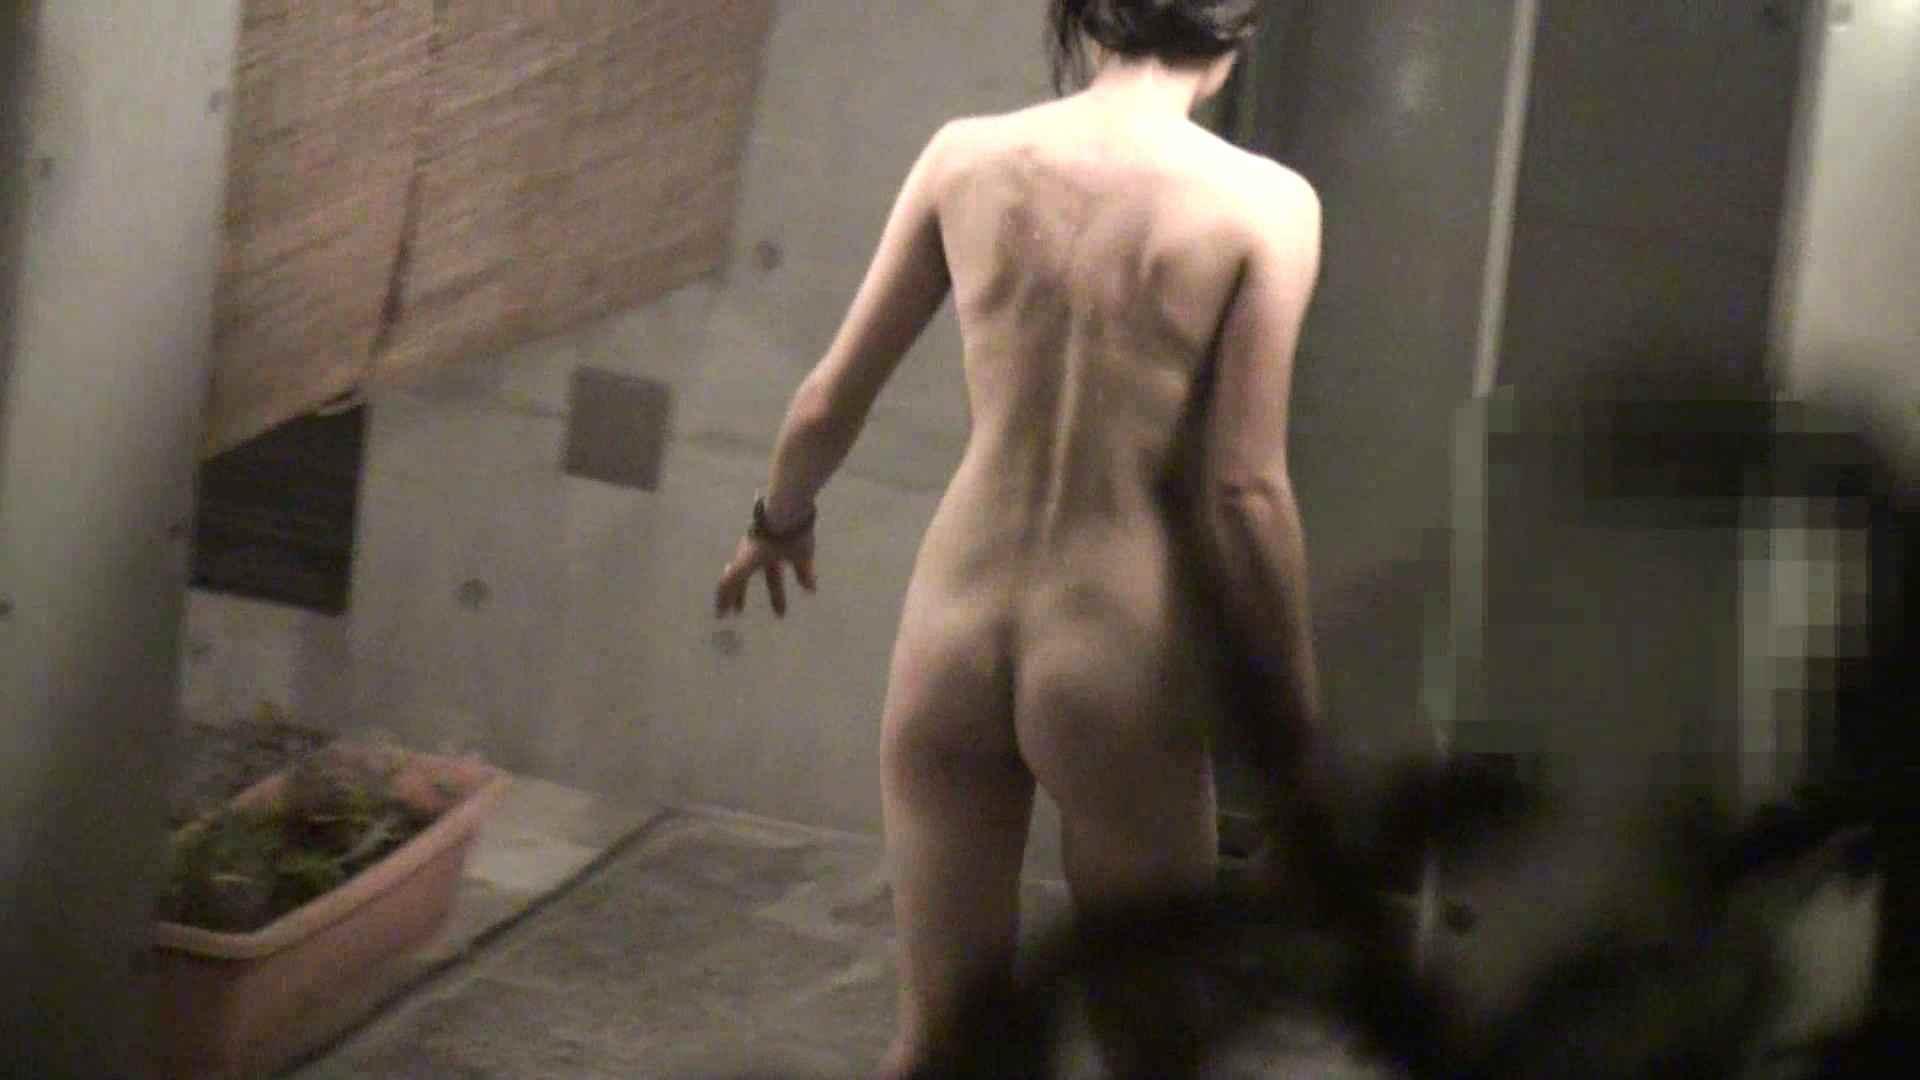 Aquaな露天風呂Vol.406 美しいOLの裸体 | 盗撮師作品  71pic 70